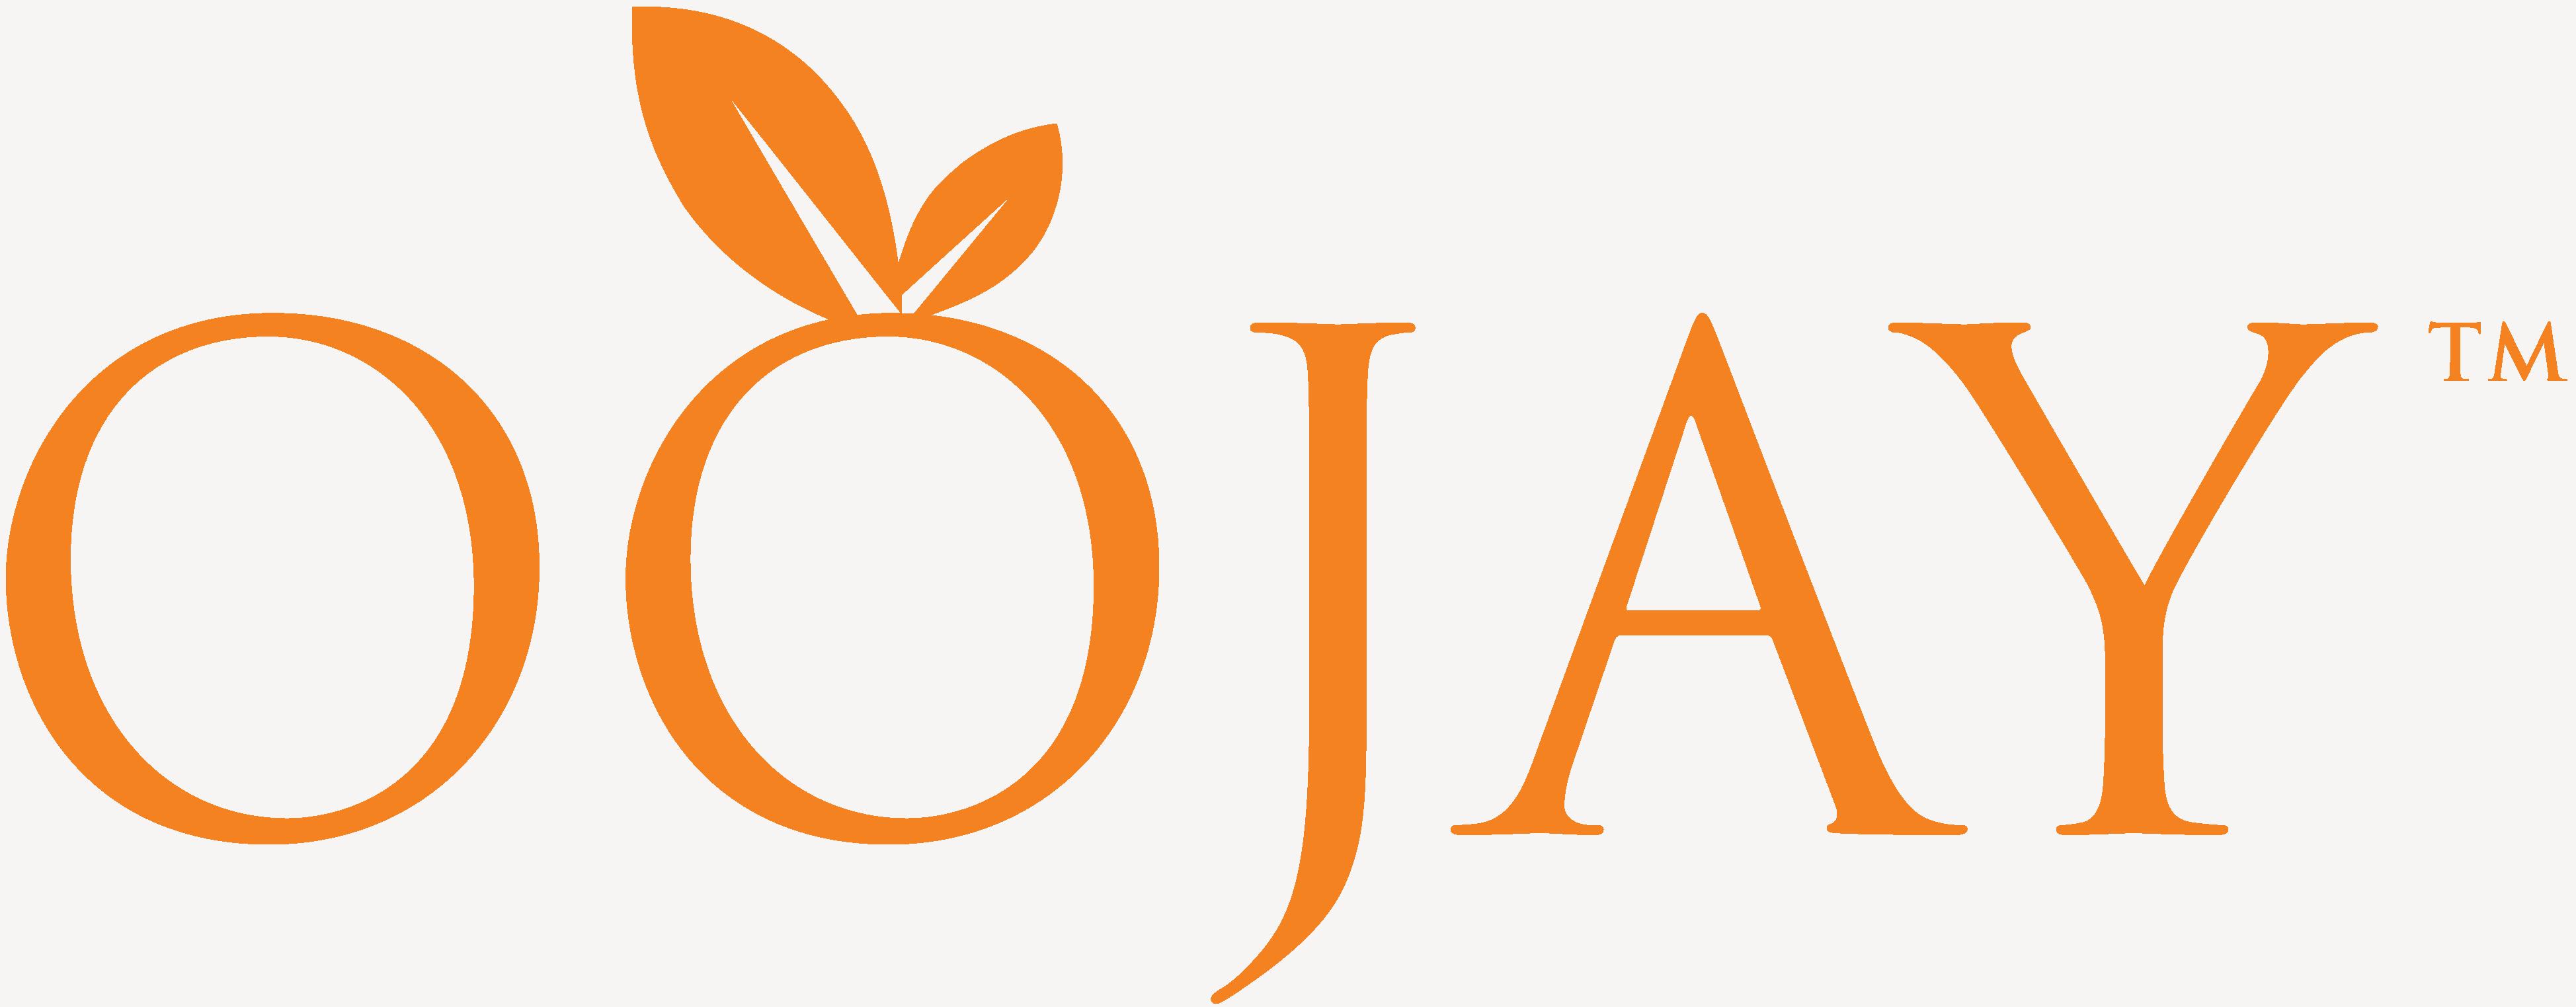 OOJAY logo